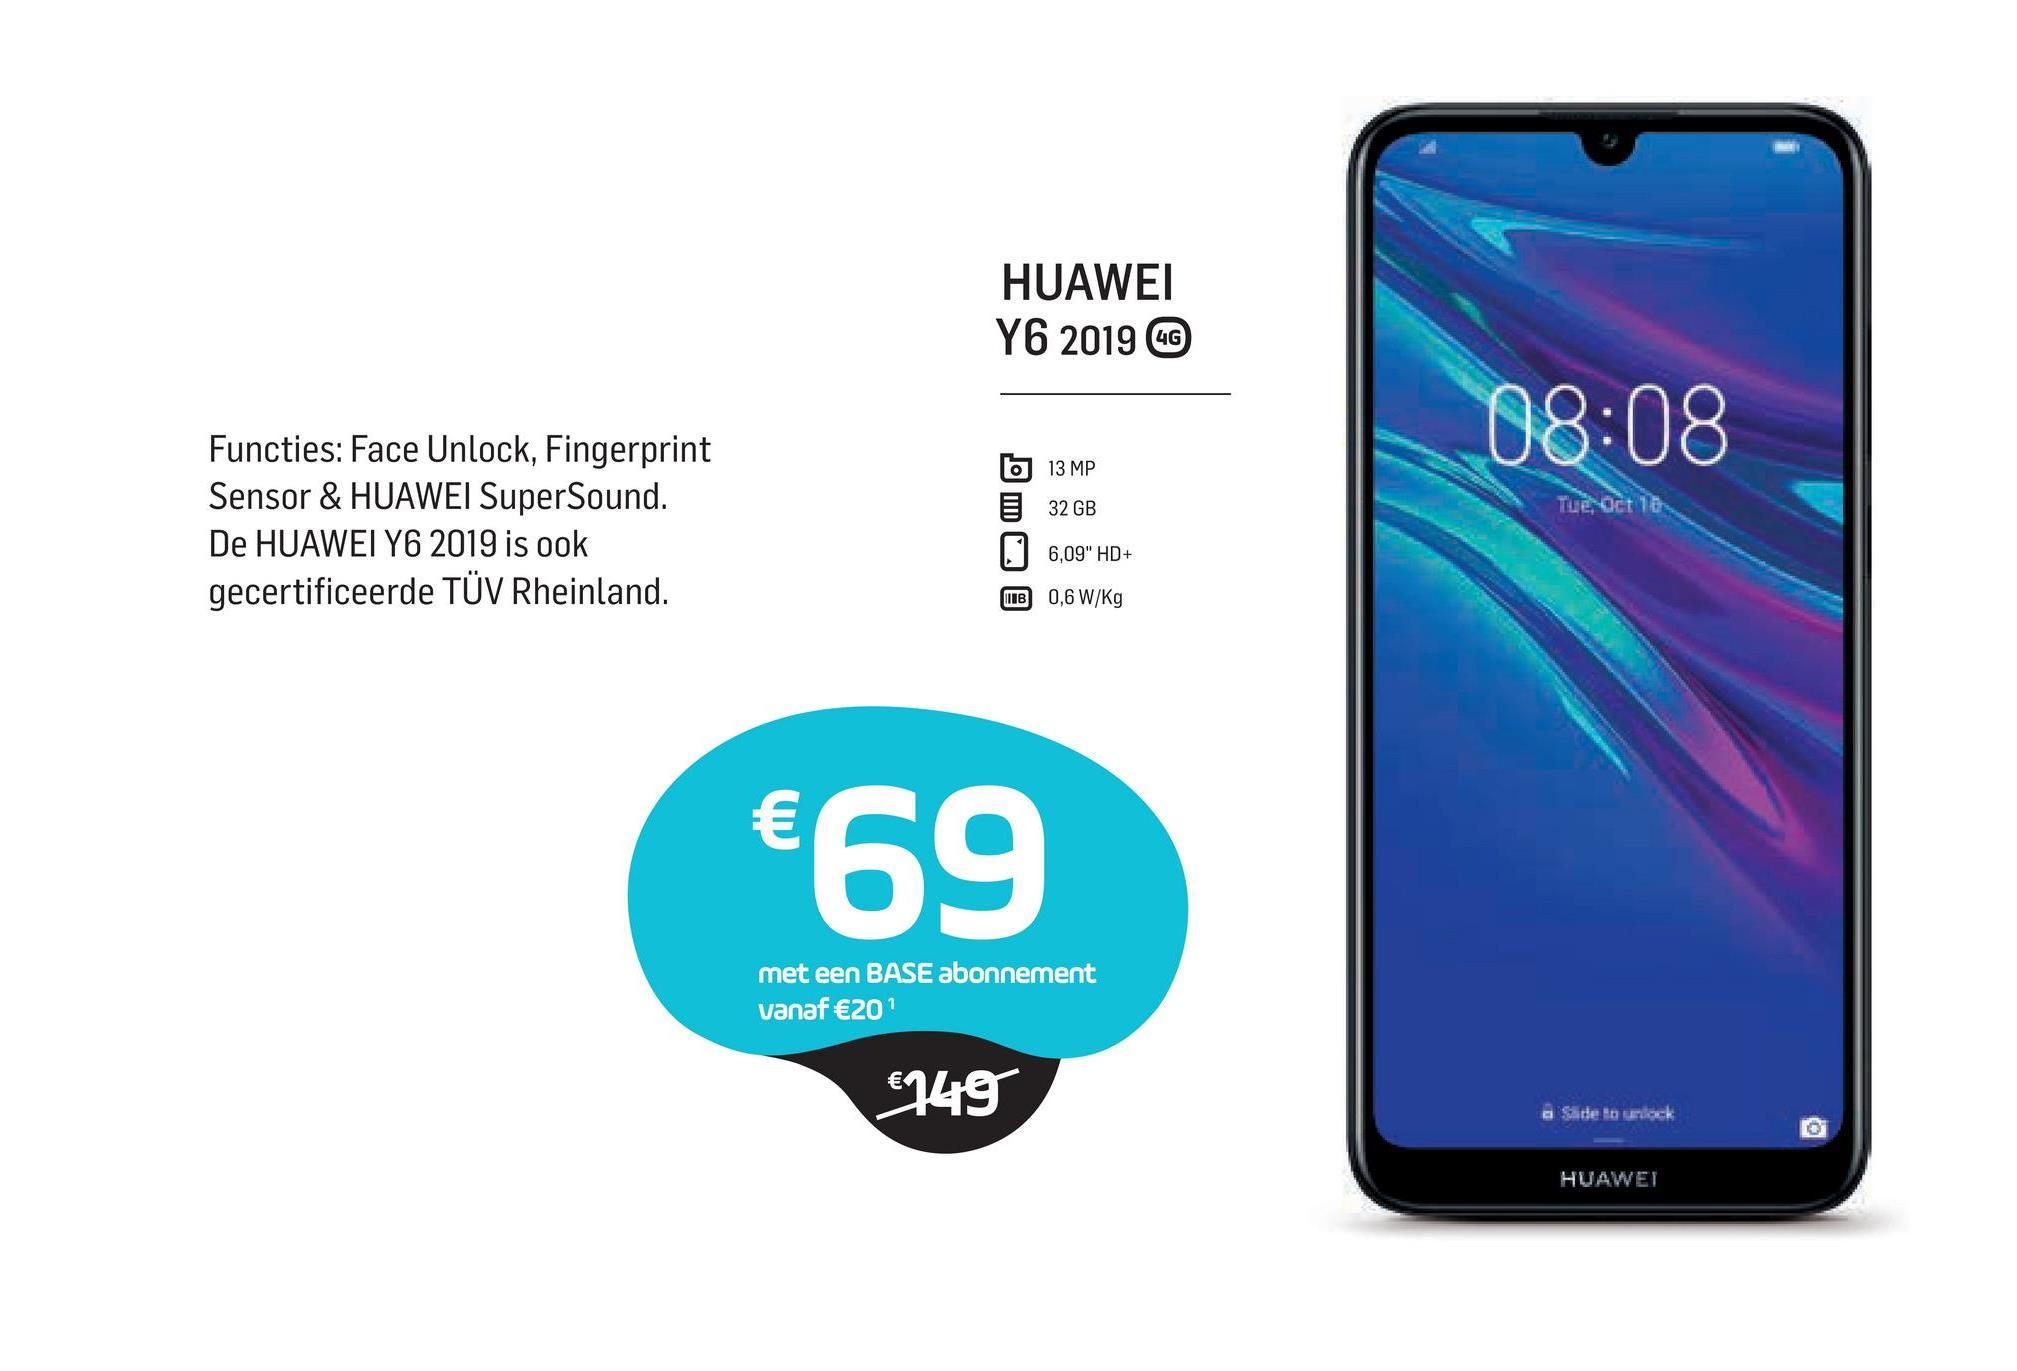 """HUAWEI Y6 2019 C 08:08 STENOCE 18 Functies: Face Unlock, Fingerprint Sensor & HUAWEI SuperSound. De HUAWEI Y6 2019 is ook gecertificeerde TÜV Rheinland. 613 MP 32 GB 6,09"""" HD+ LIB 0,6 W/kg €69 met een BASE abonnement vanaf €20 €949 HUAWEI"""